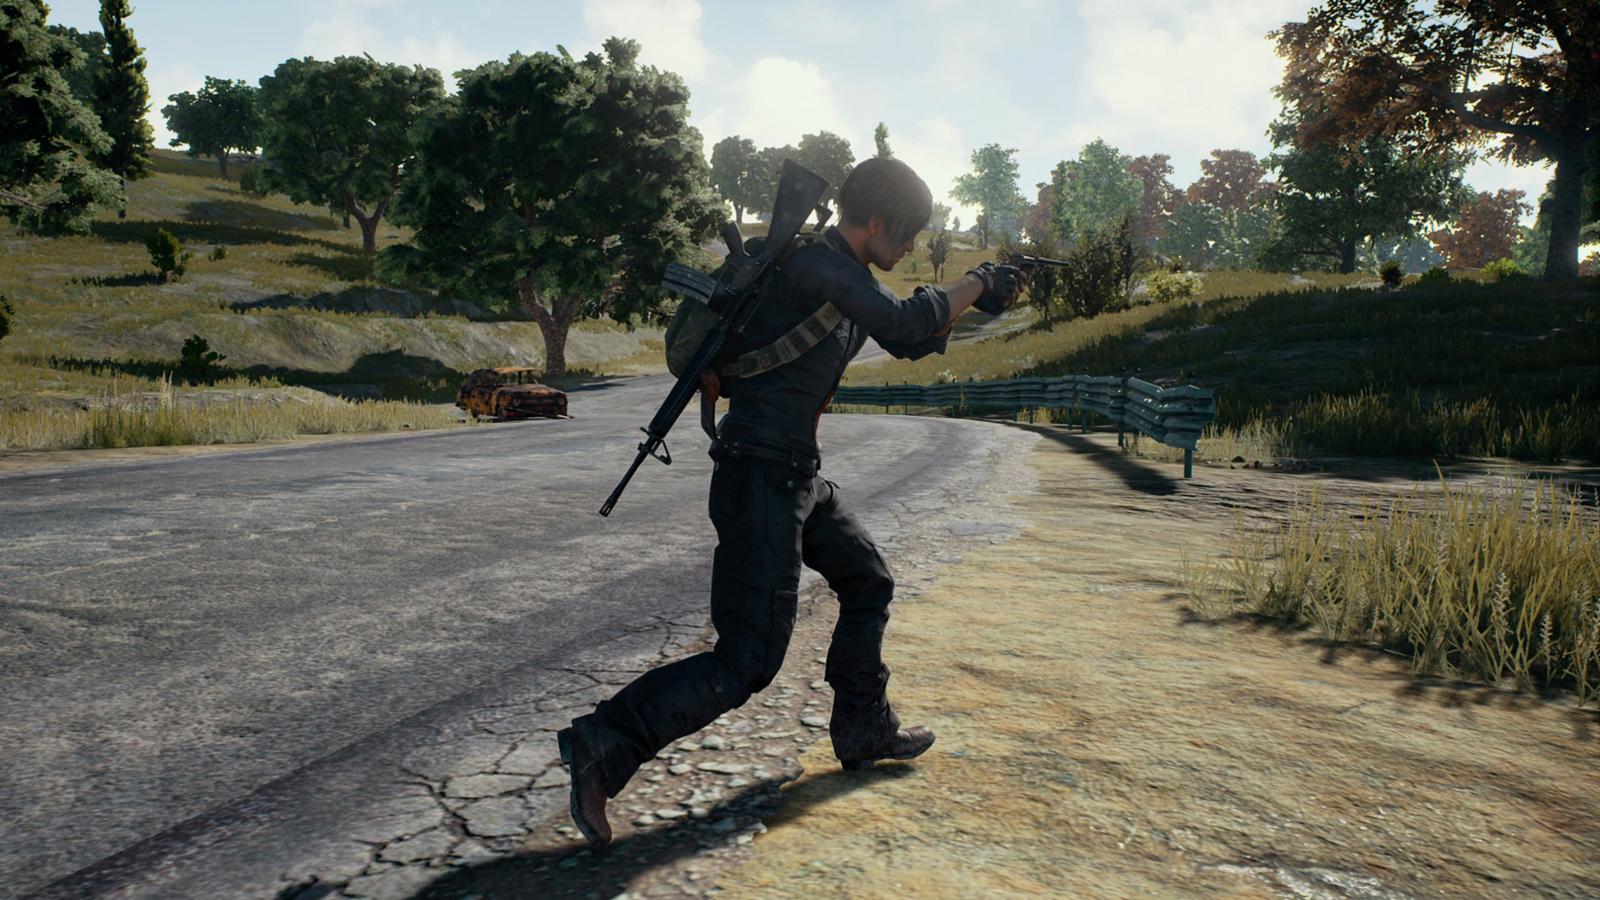 Fortnite: Battle Royale-Modus und Patch 1.6.3 erscheinen heute - Changelog